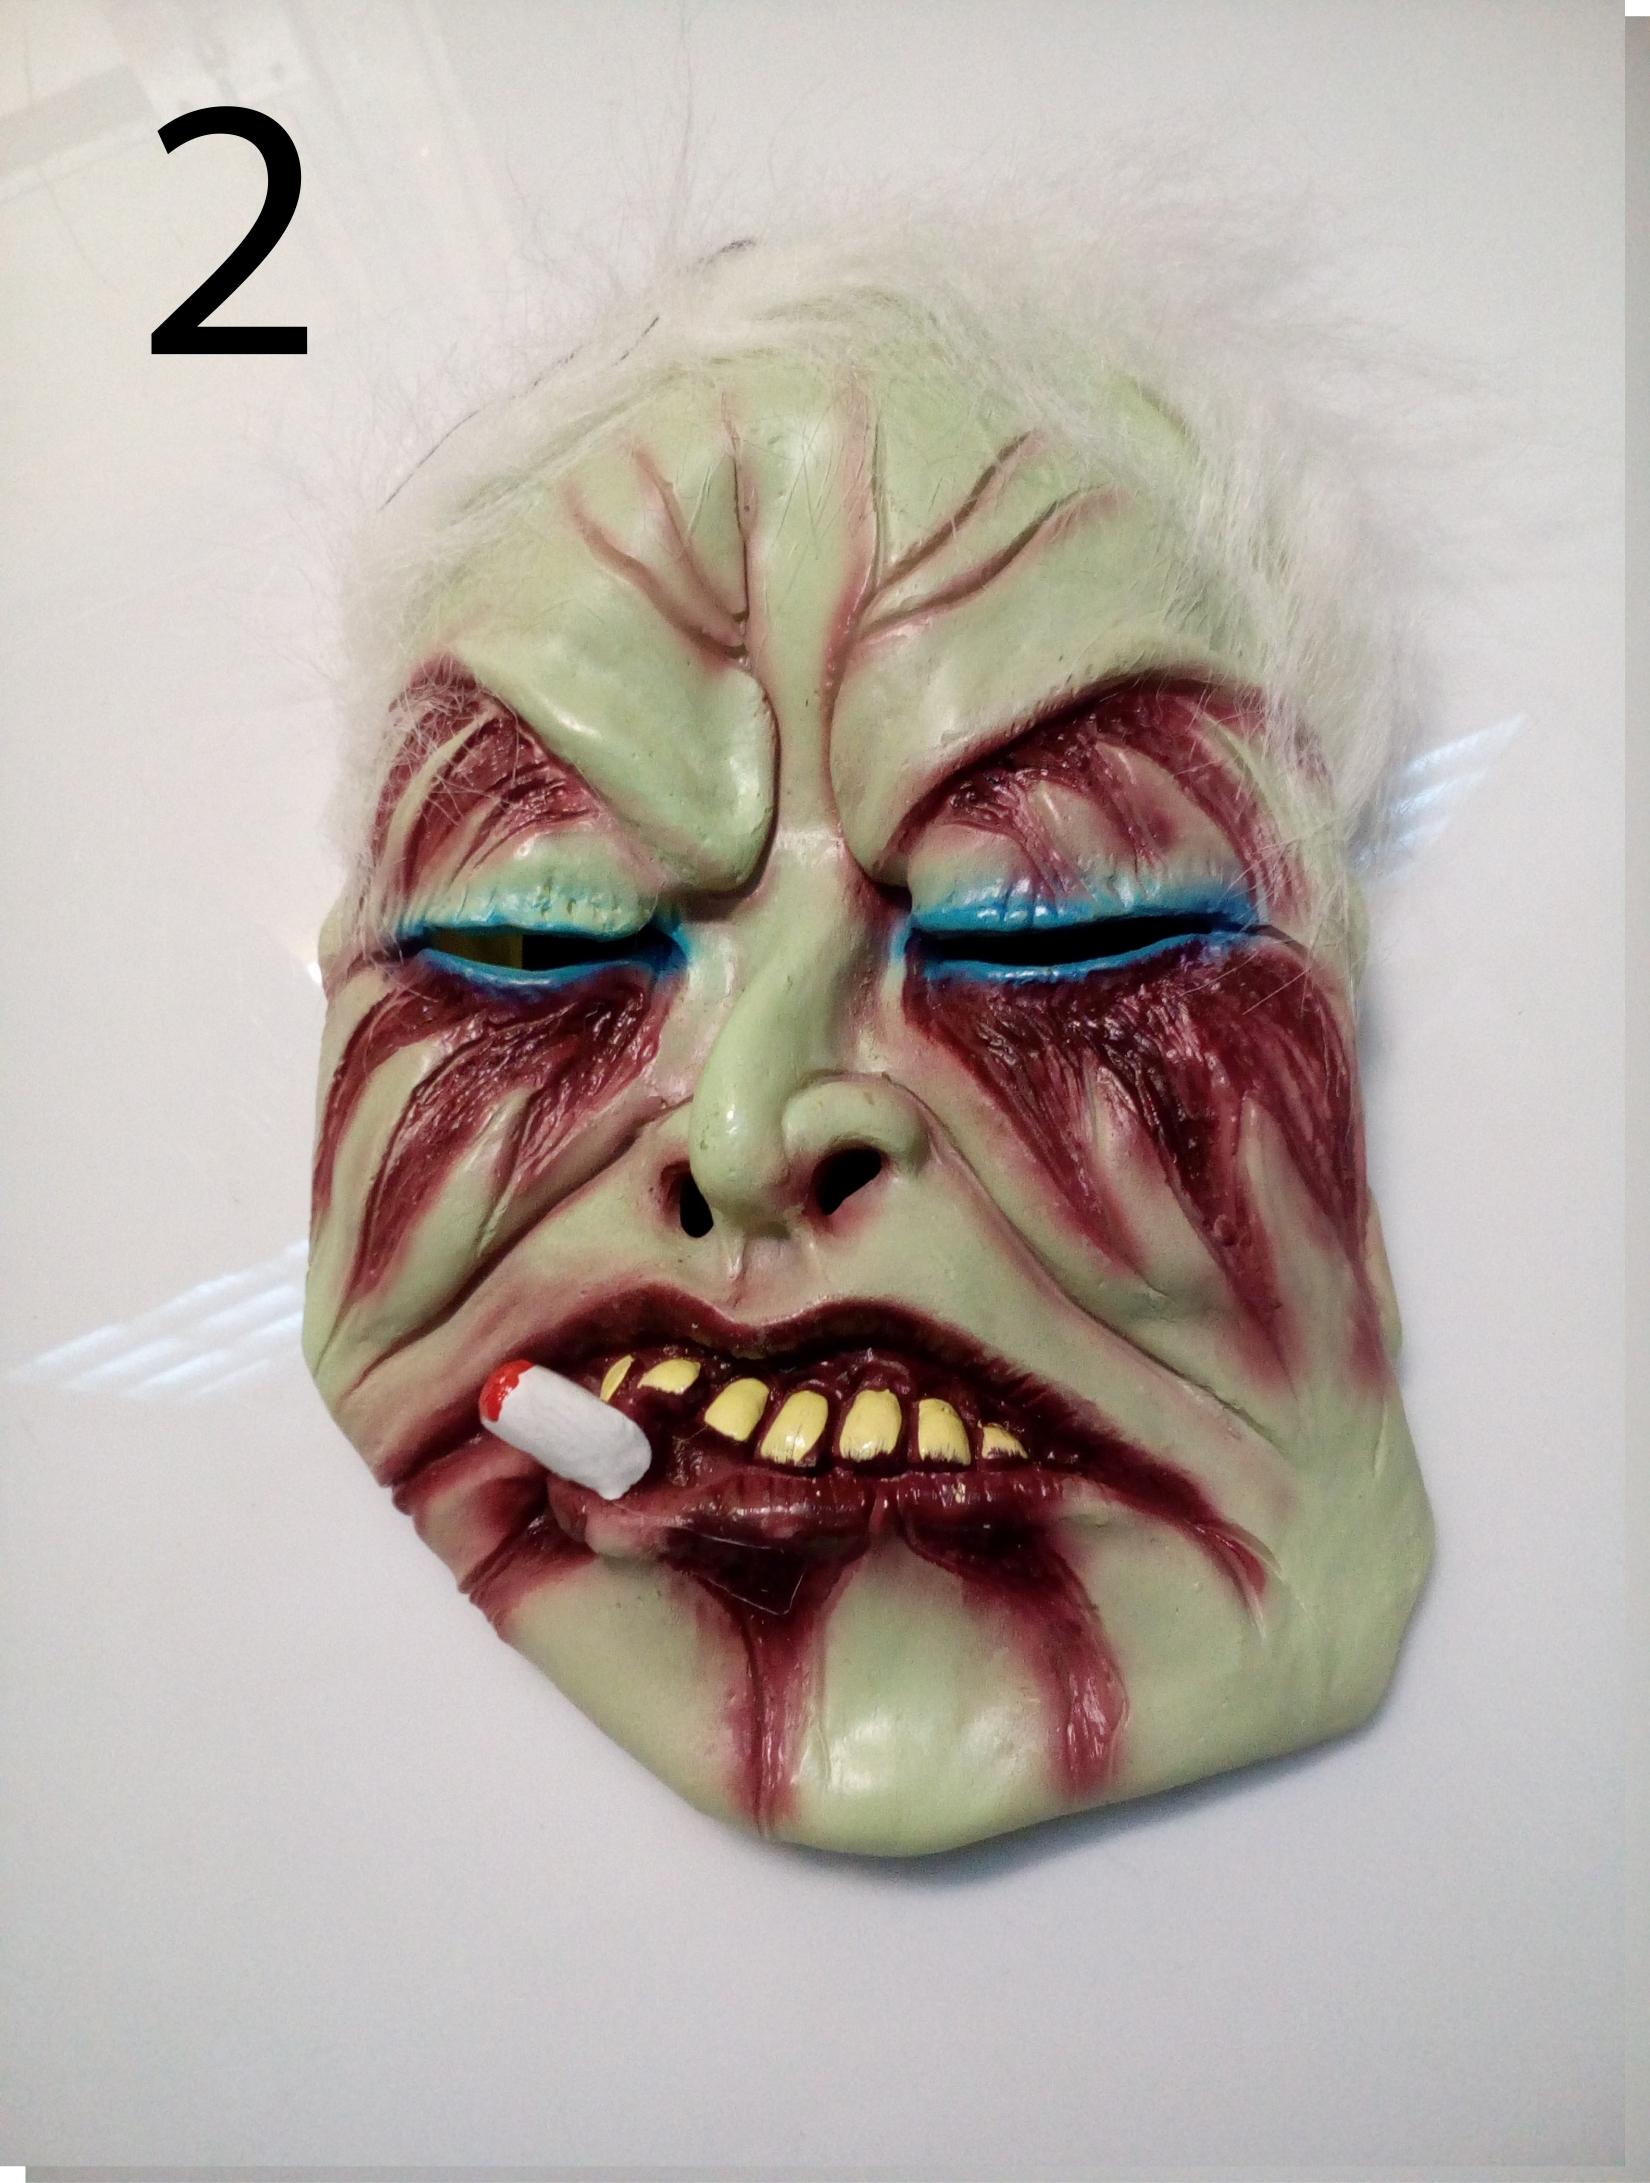 Smoker mask face